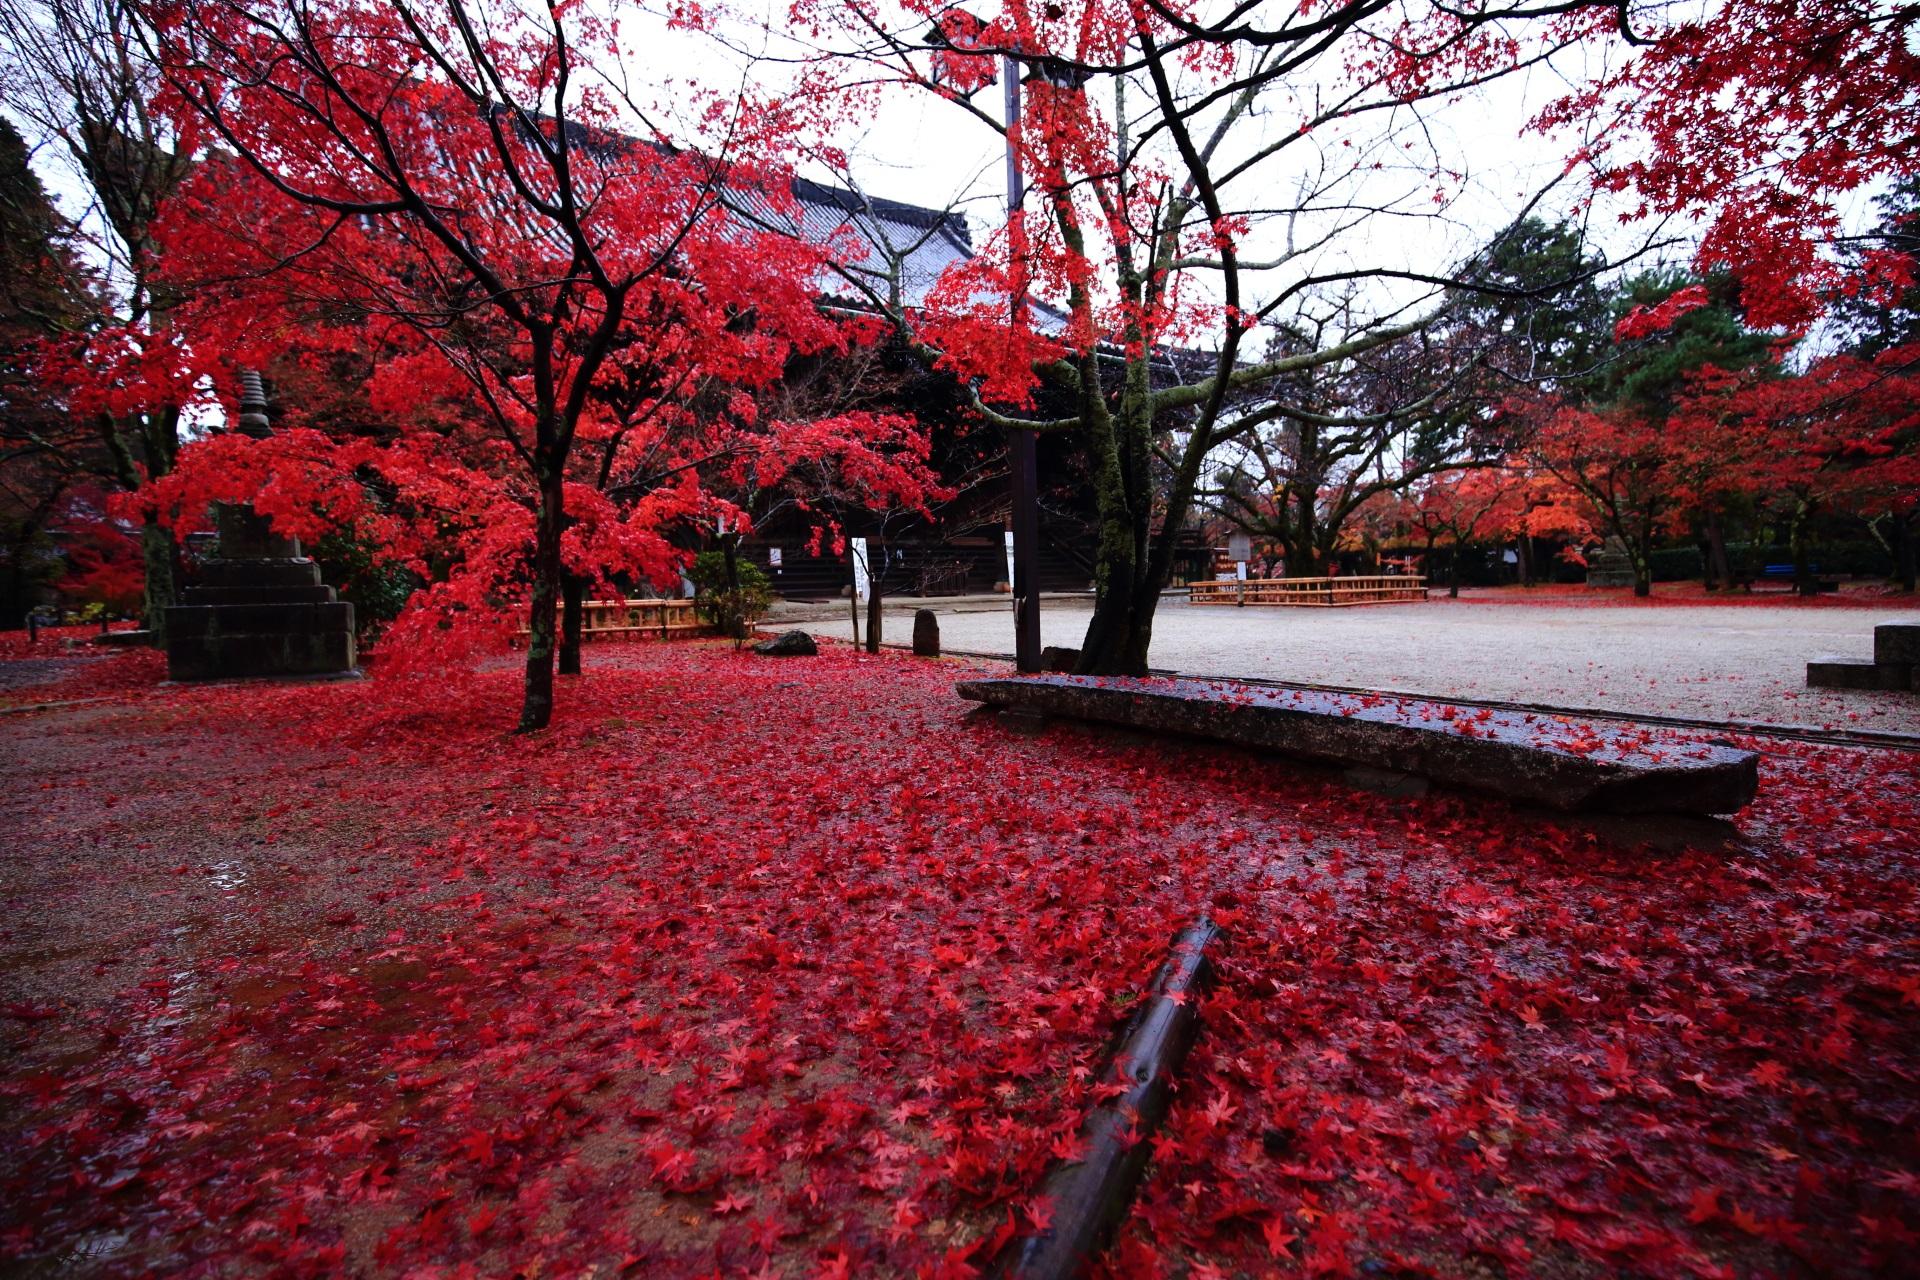 真如堂の怖いくらいの赤さの散り紅葉